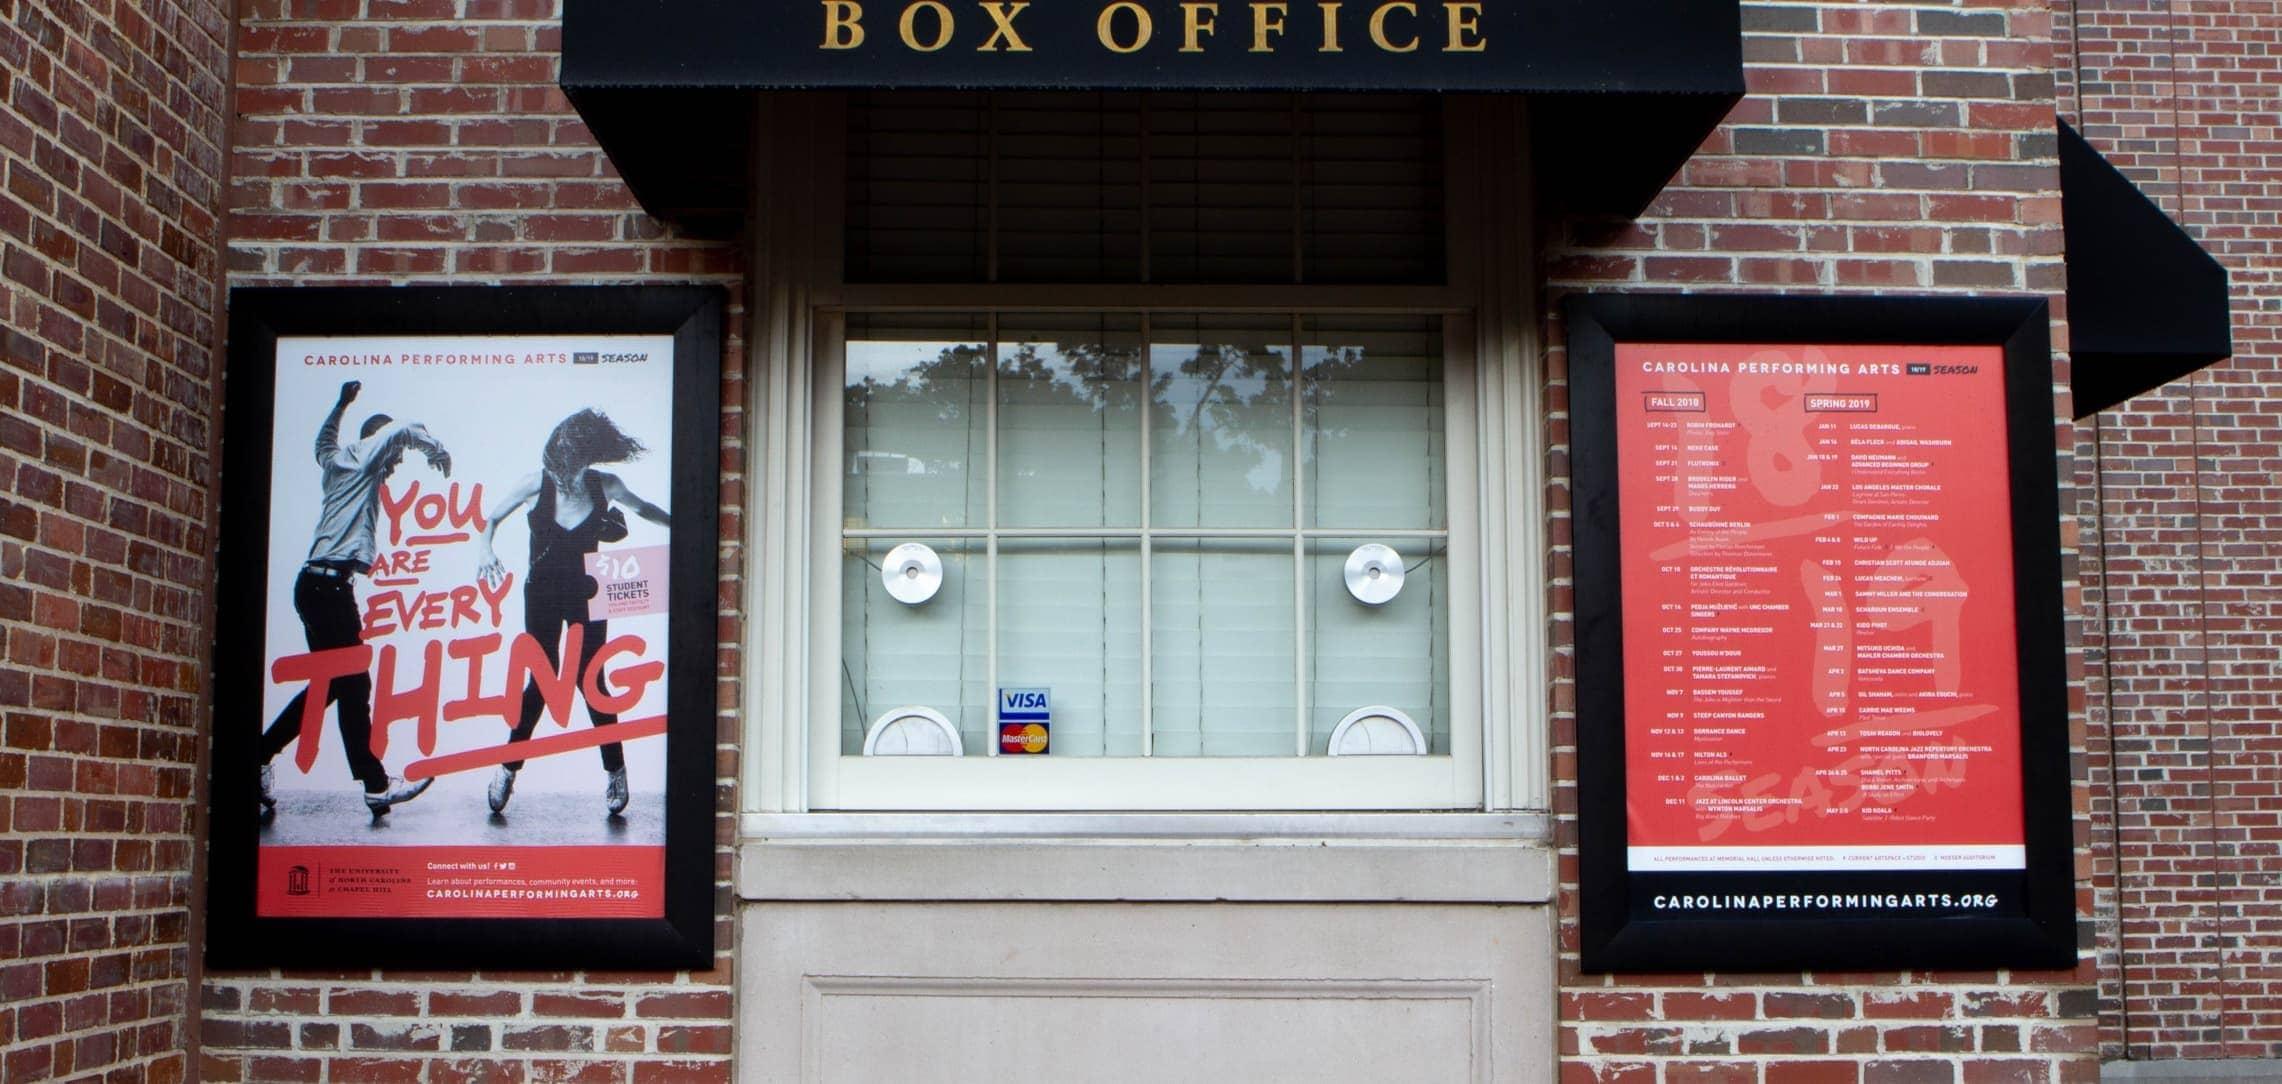 Carolina Performing Arts Box Office